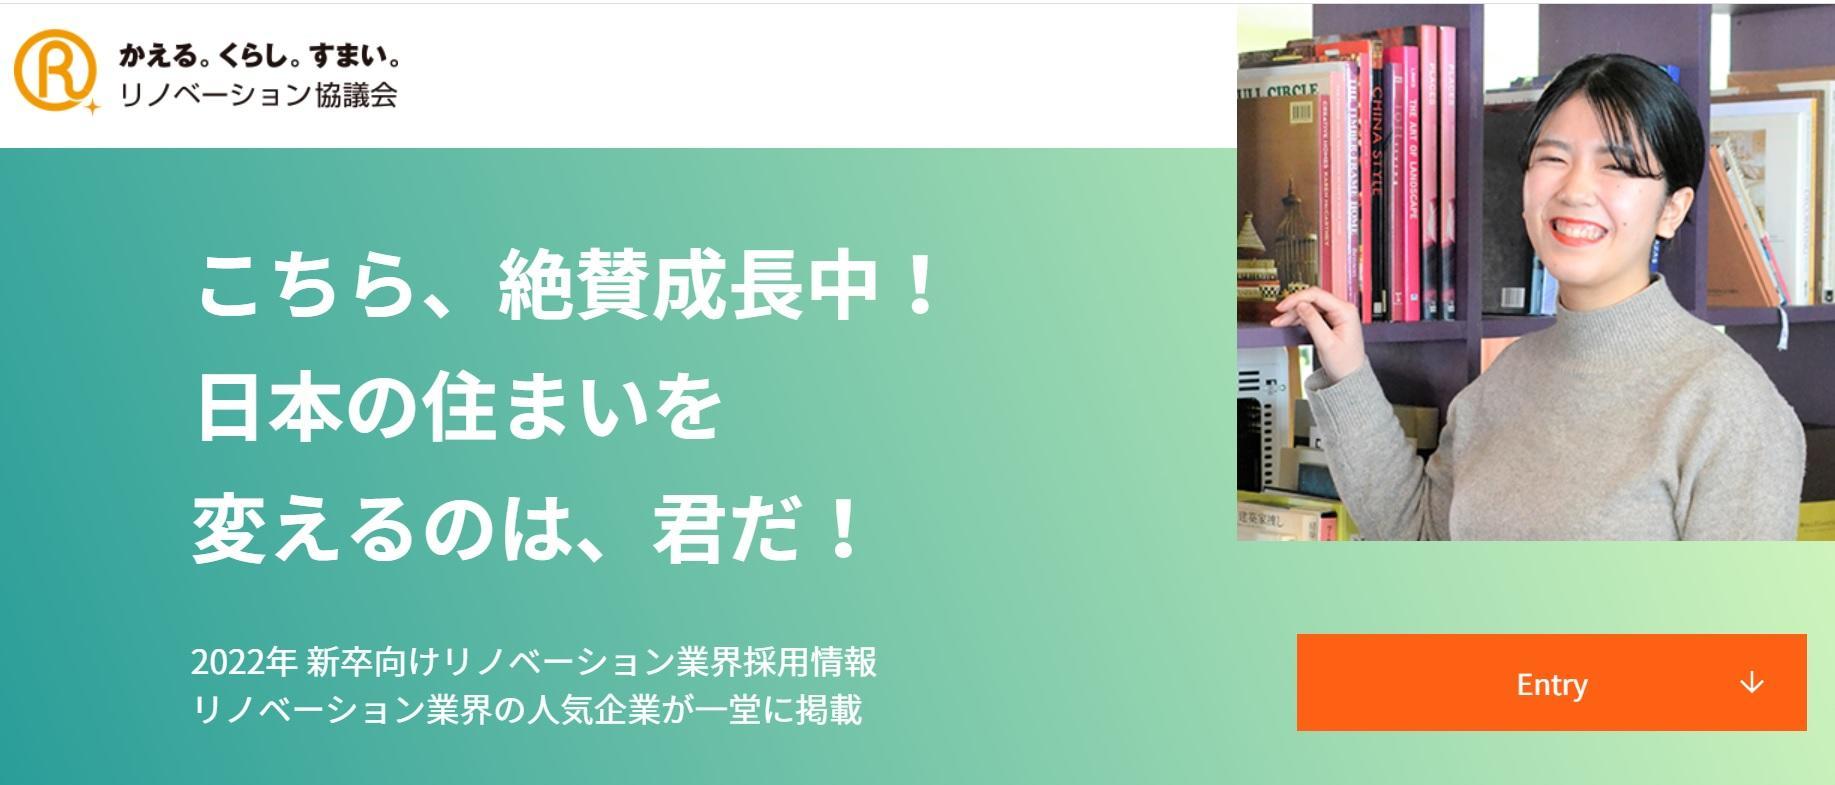 2022年新卒向け業界研究セミナー(オンライン)開催<首都圏>